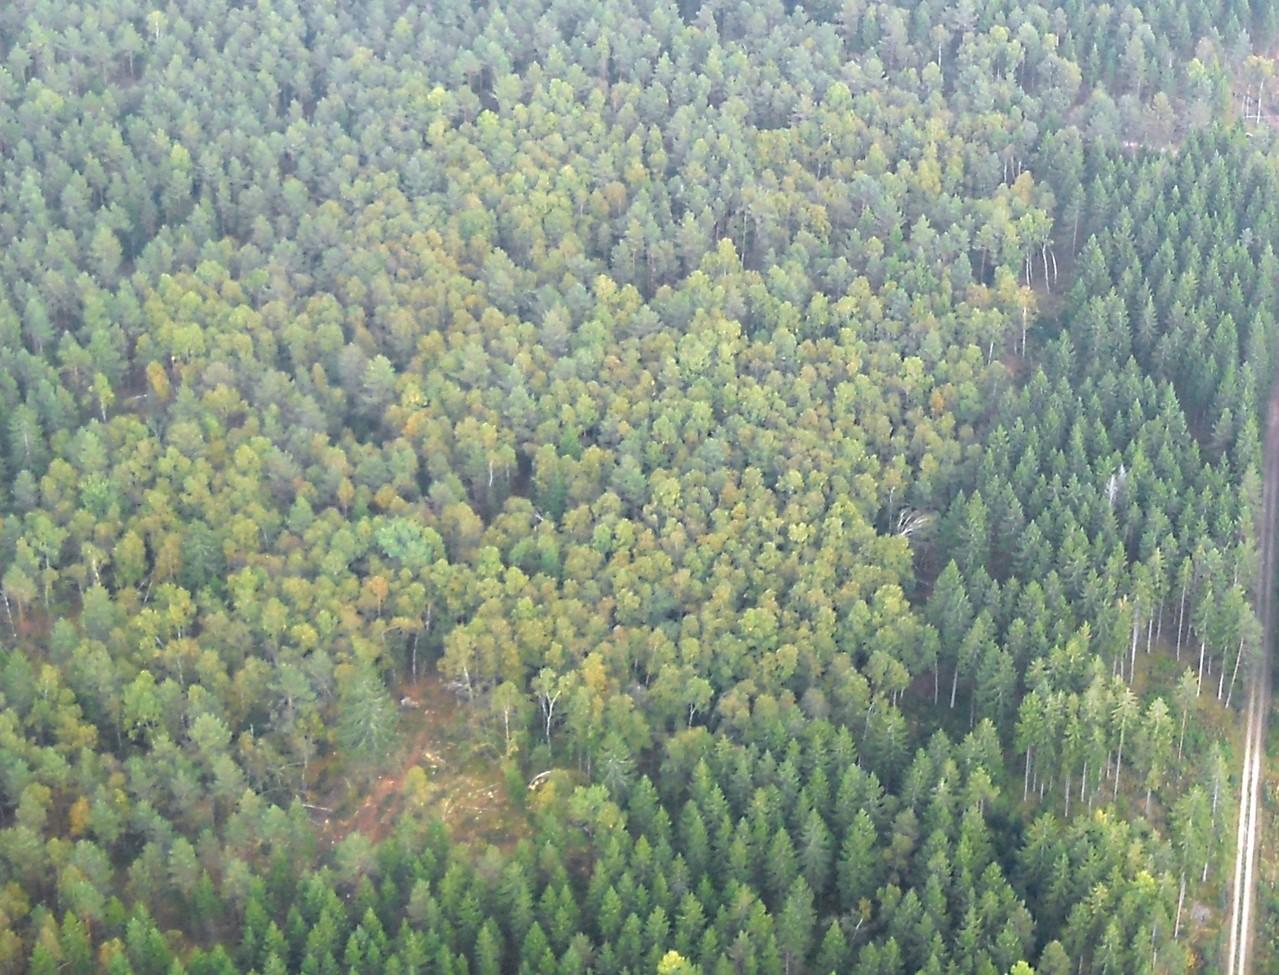 Birkenfläche Ausschnitt, Luftbild, Fotograf: Jörg Maier (C)